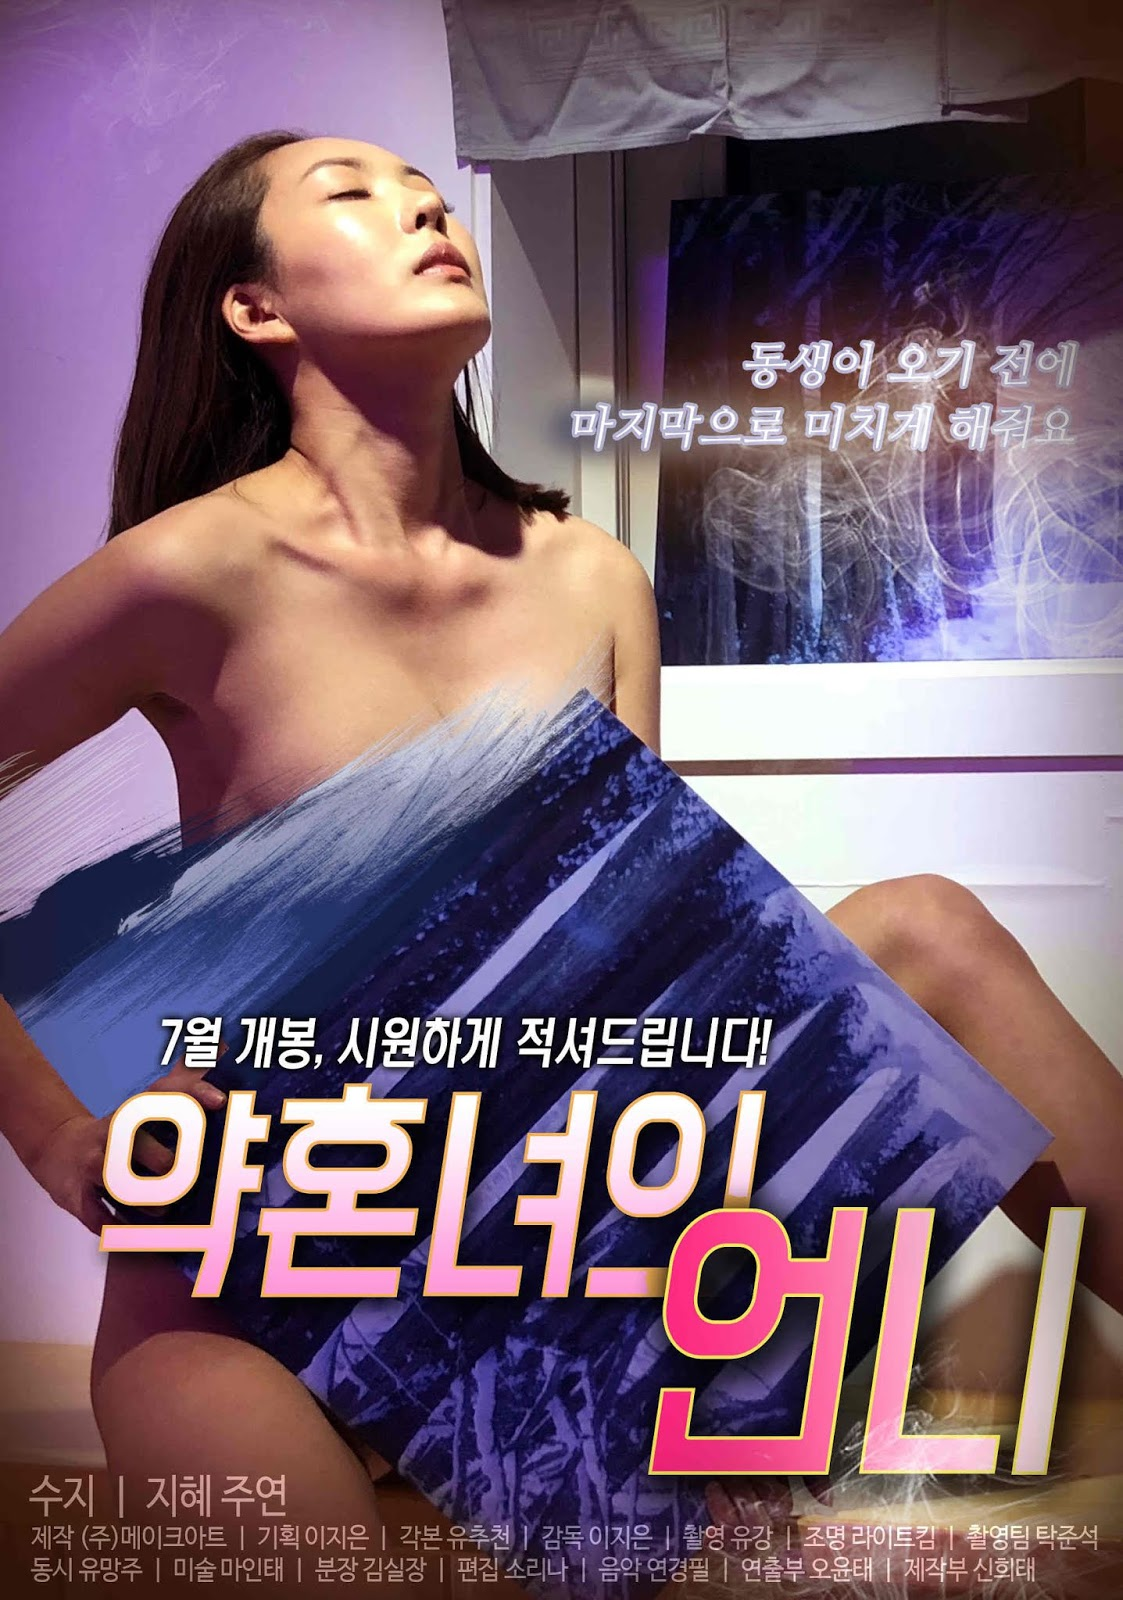 Fiancees Sister Full Korea 18+ Adult Movie Online Free